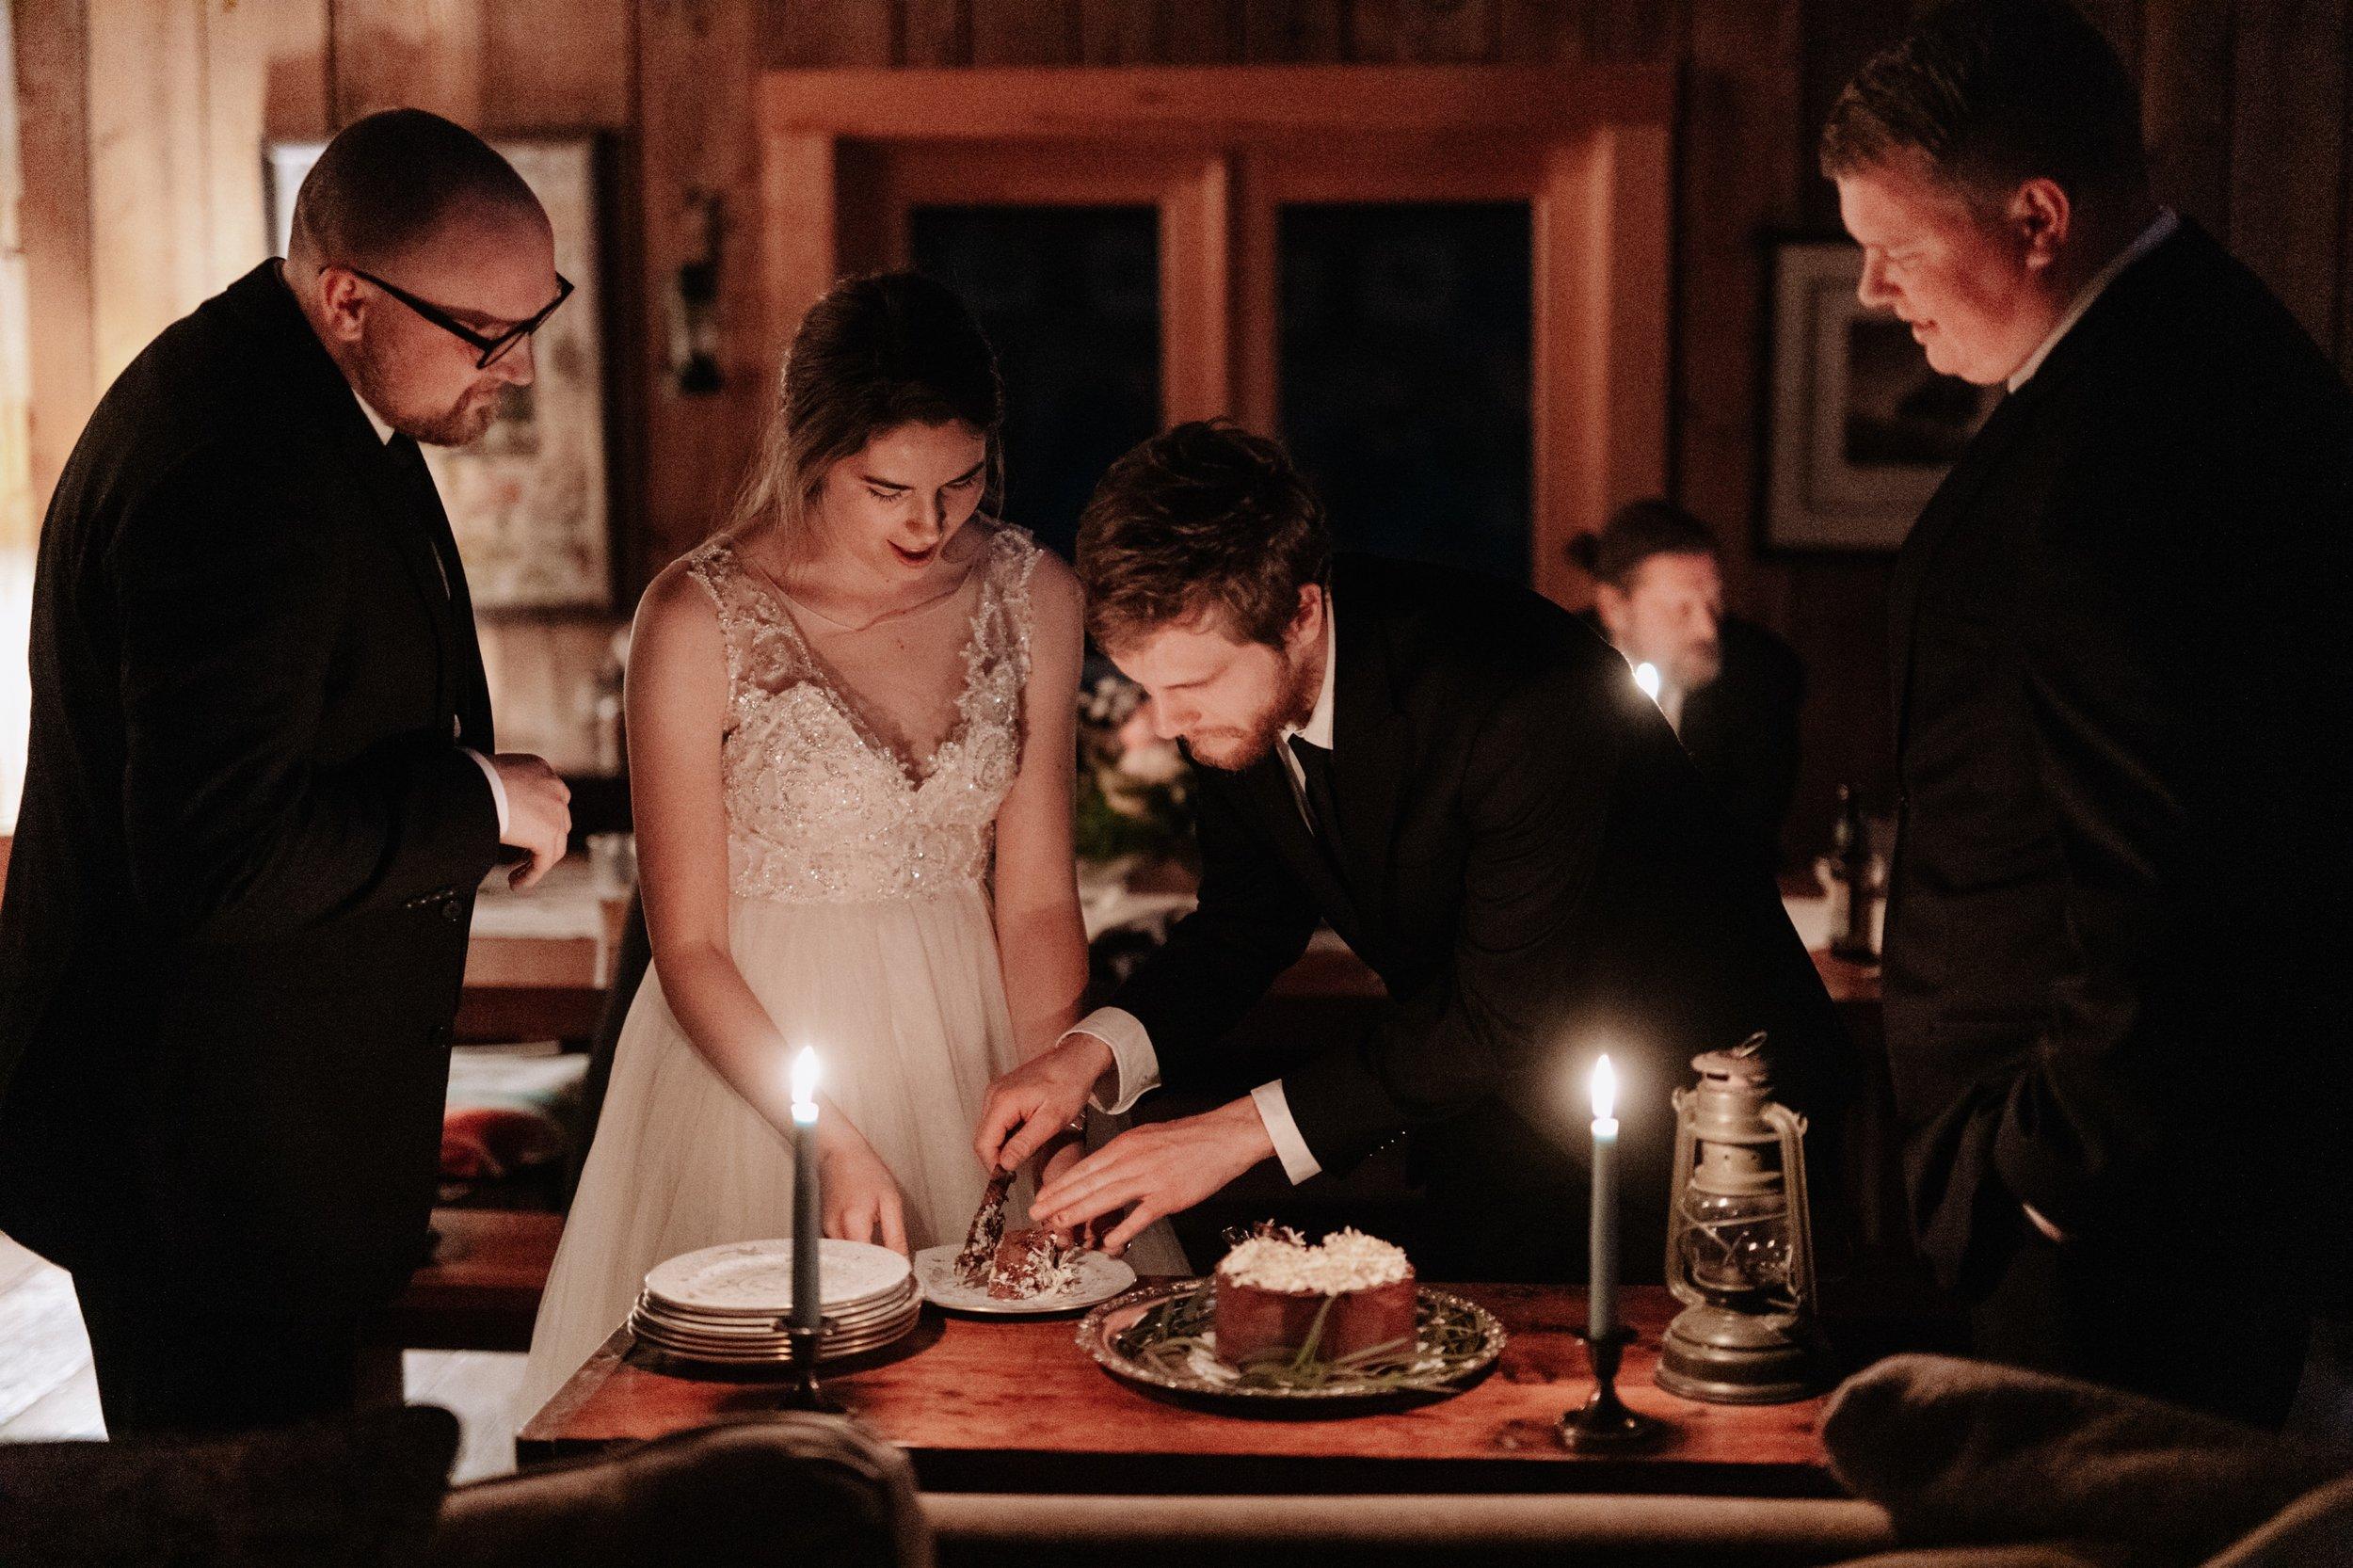 Madeline-Island-Wedding-Photography_75.jpg